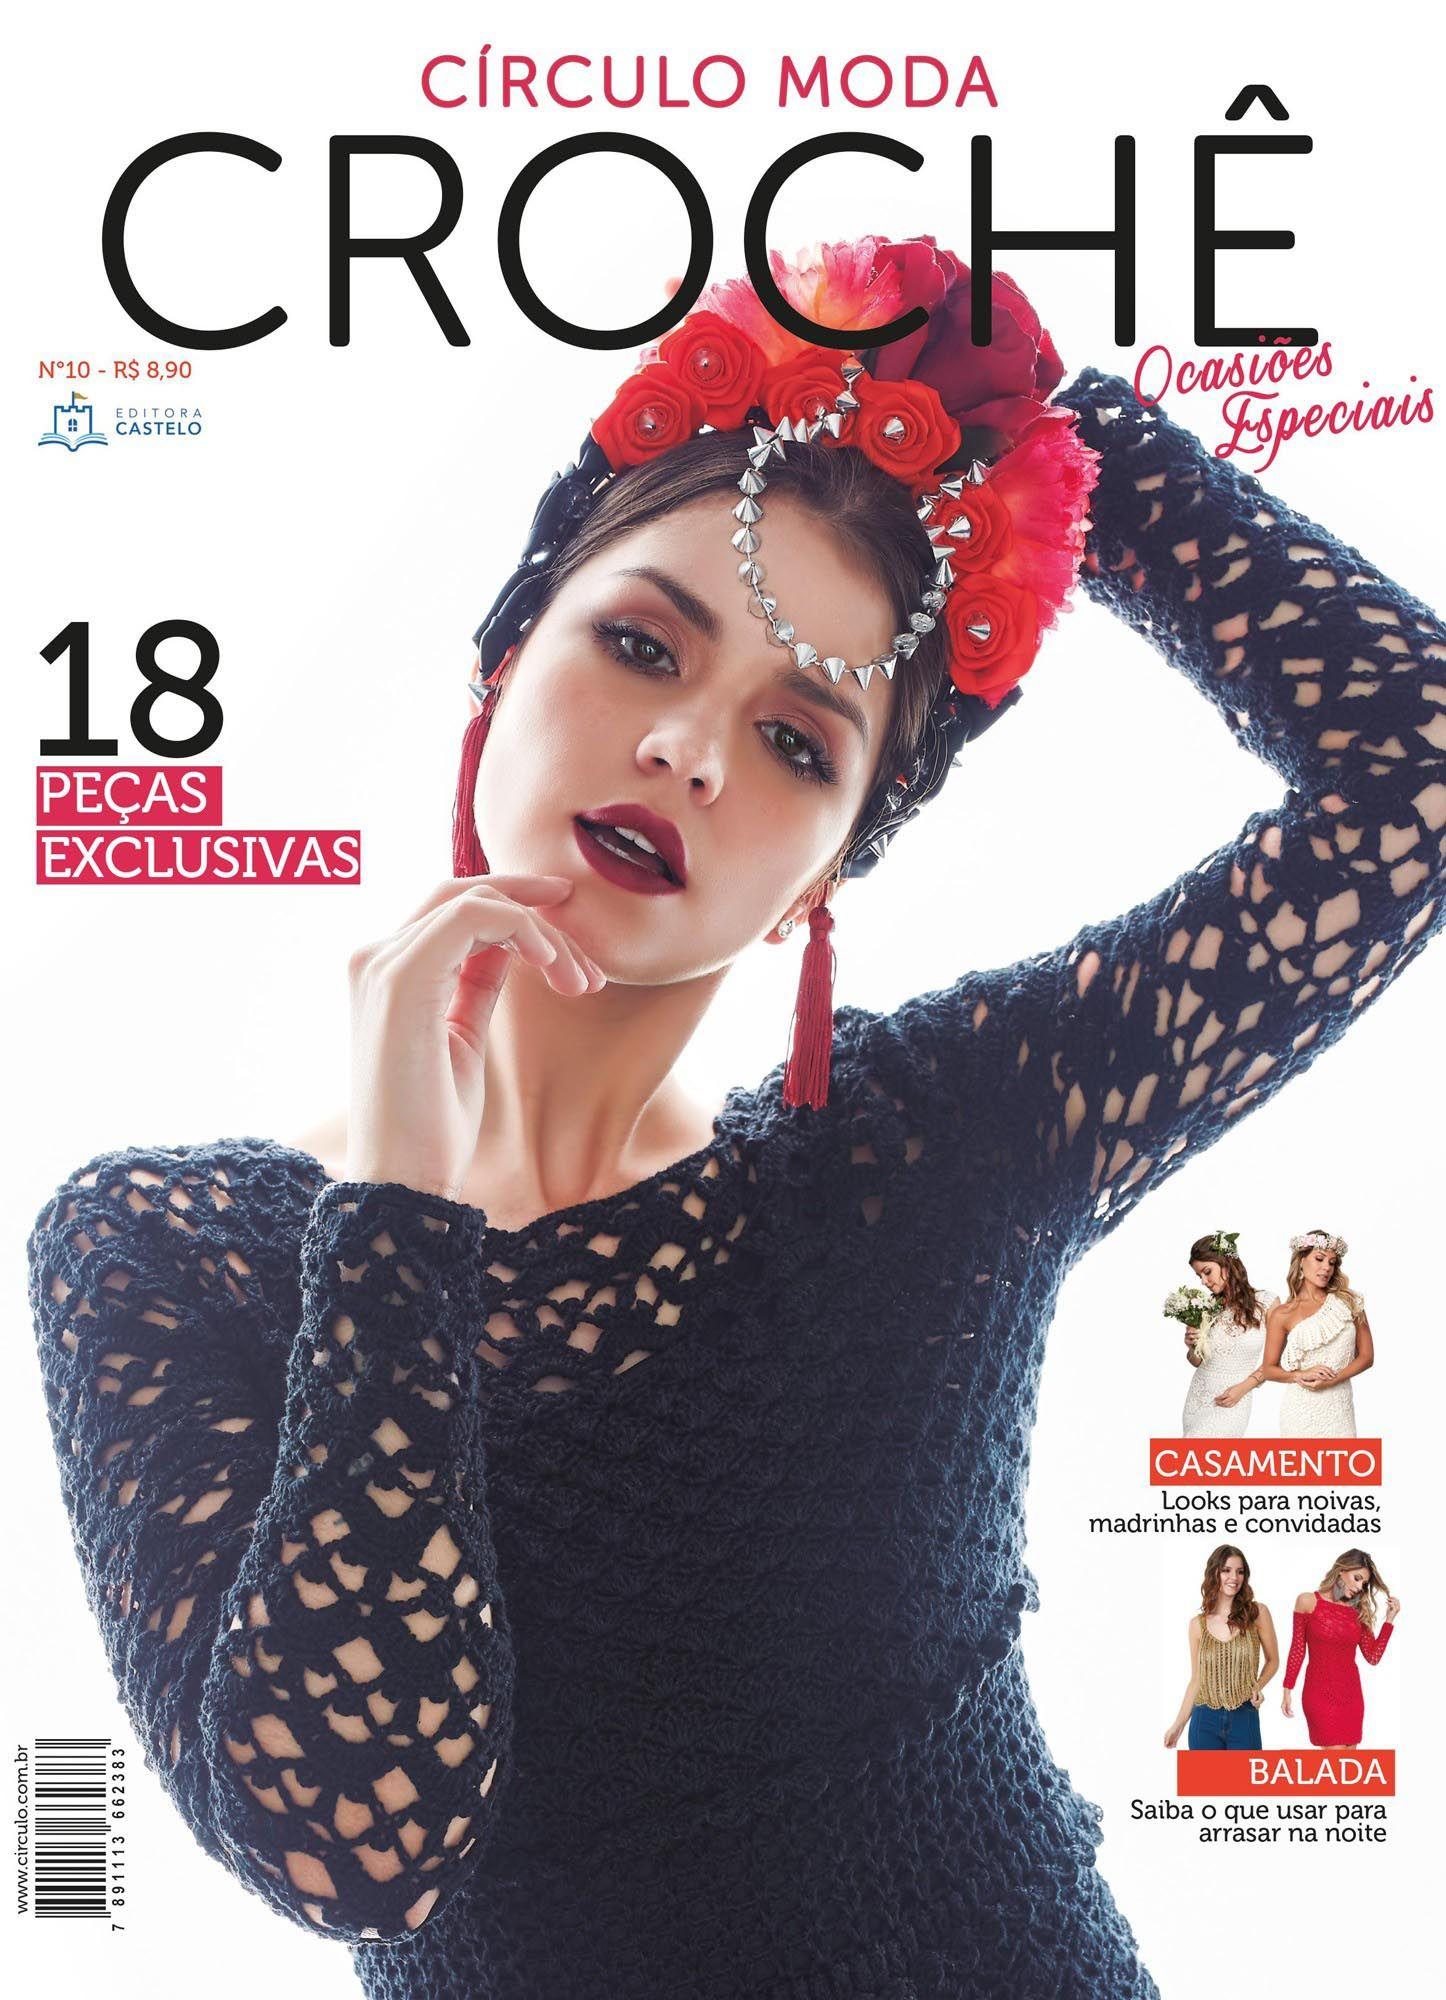 Revista Círculo Moda Crochê Ocasiões Especiais N°10